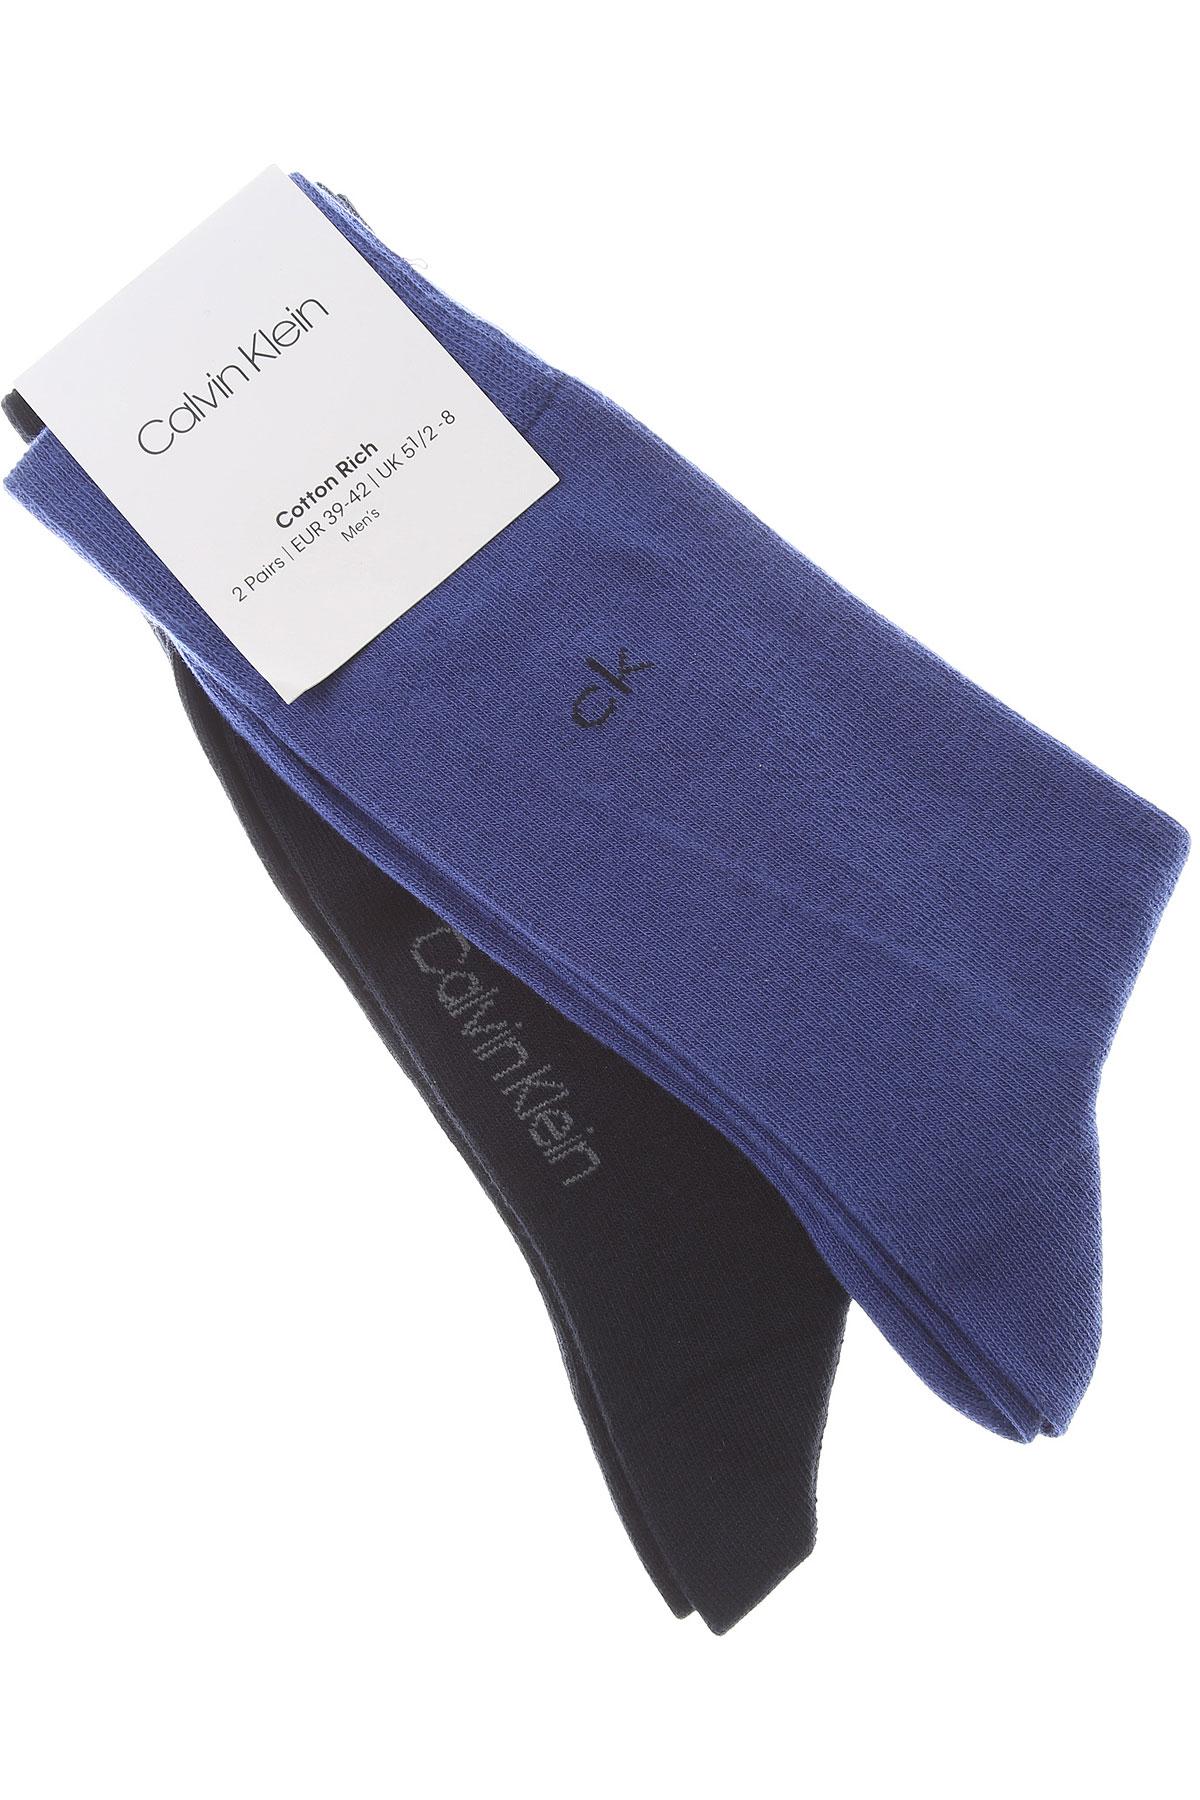 CALVIN KLEIN Unterwäsche & Socken | Calvin Klein Socken  Strümpfe, 2pack, Marineblau